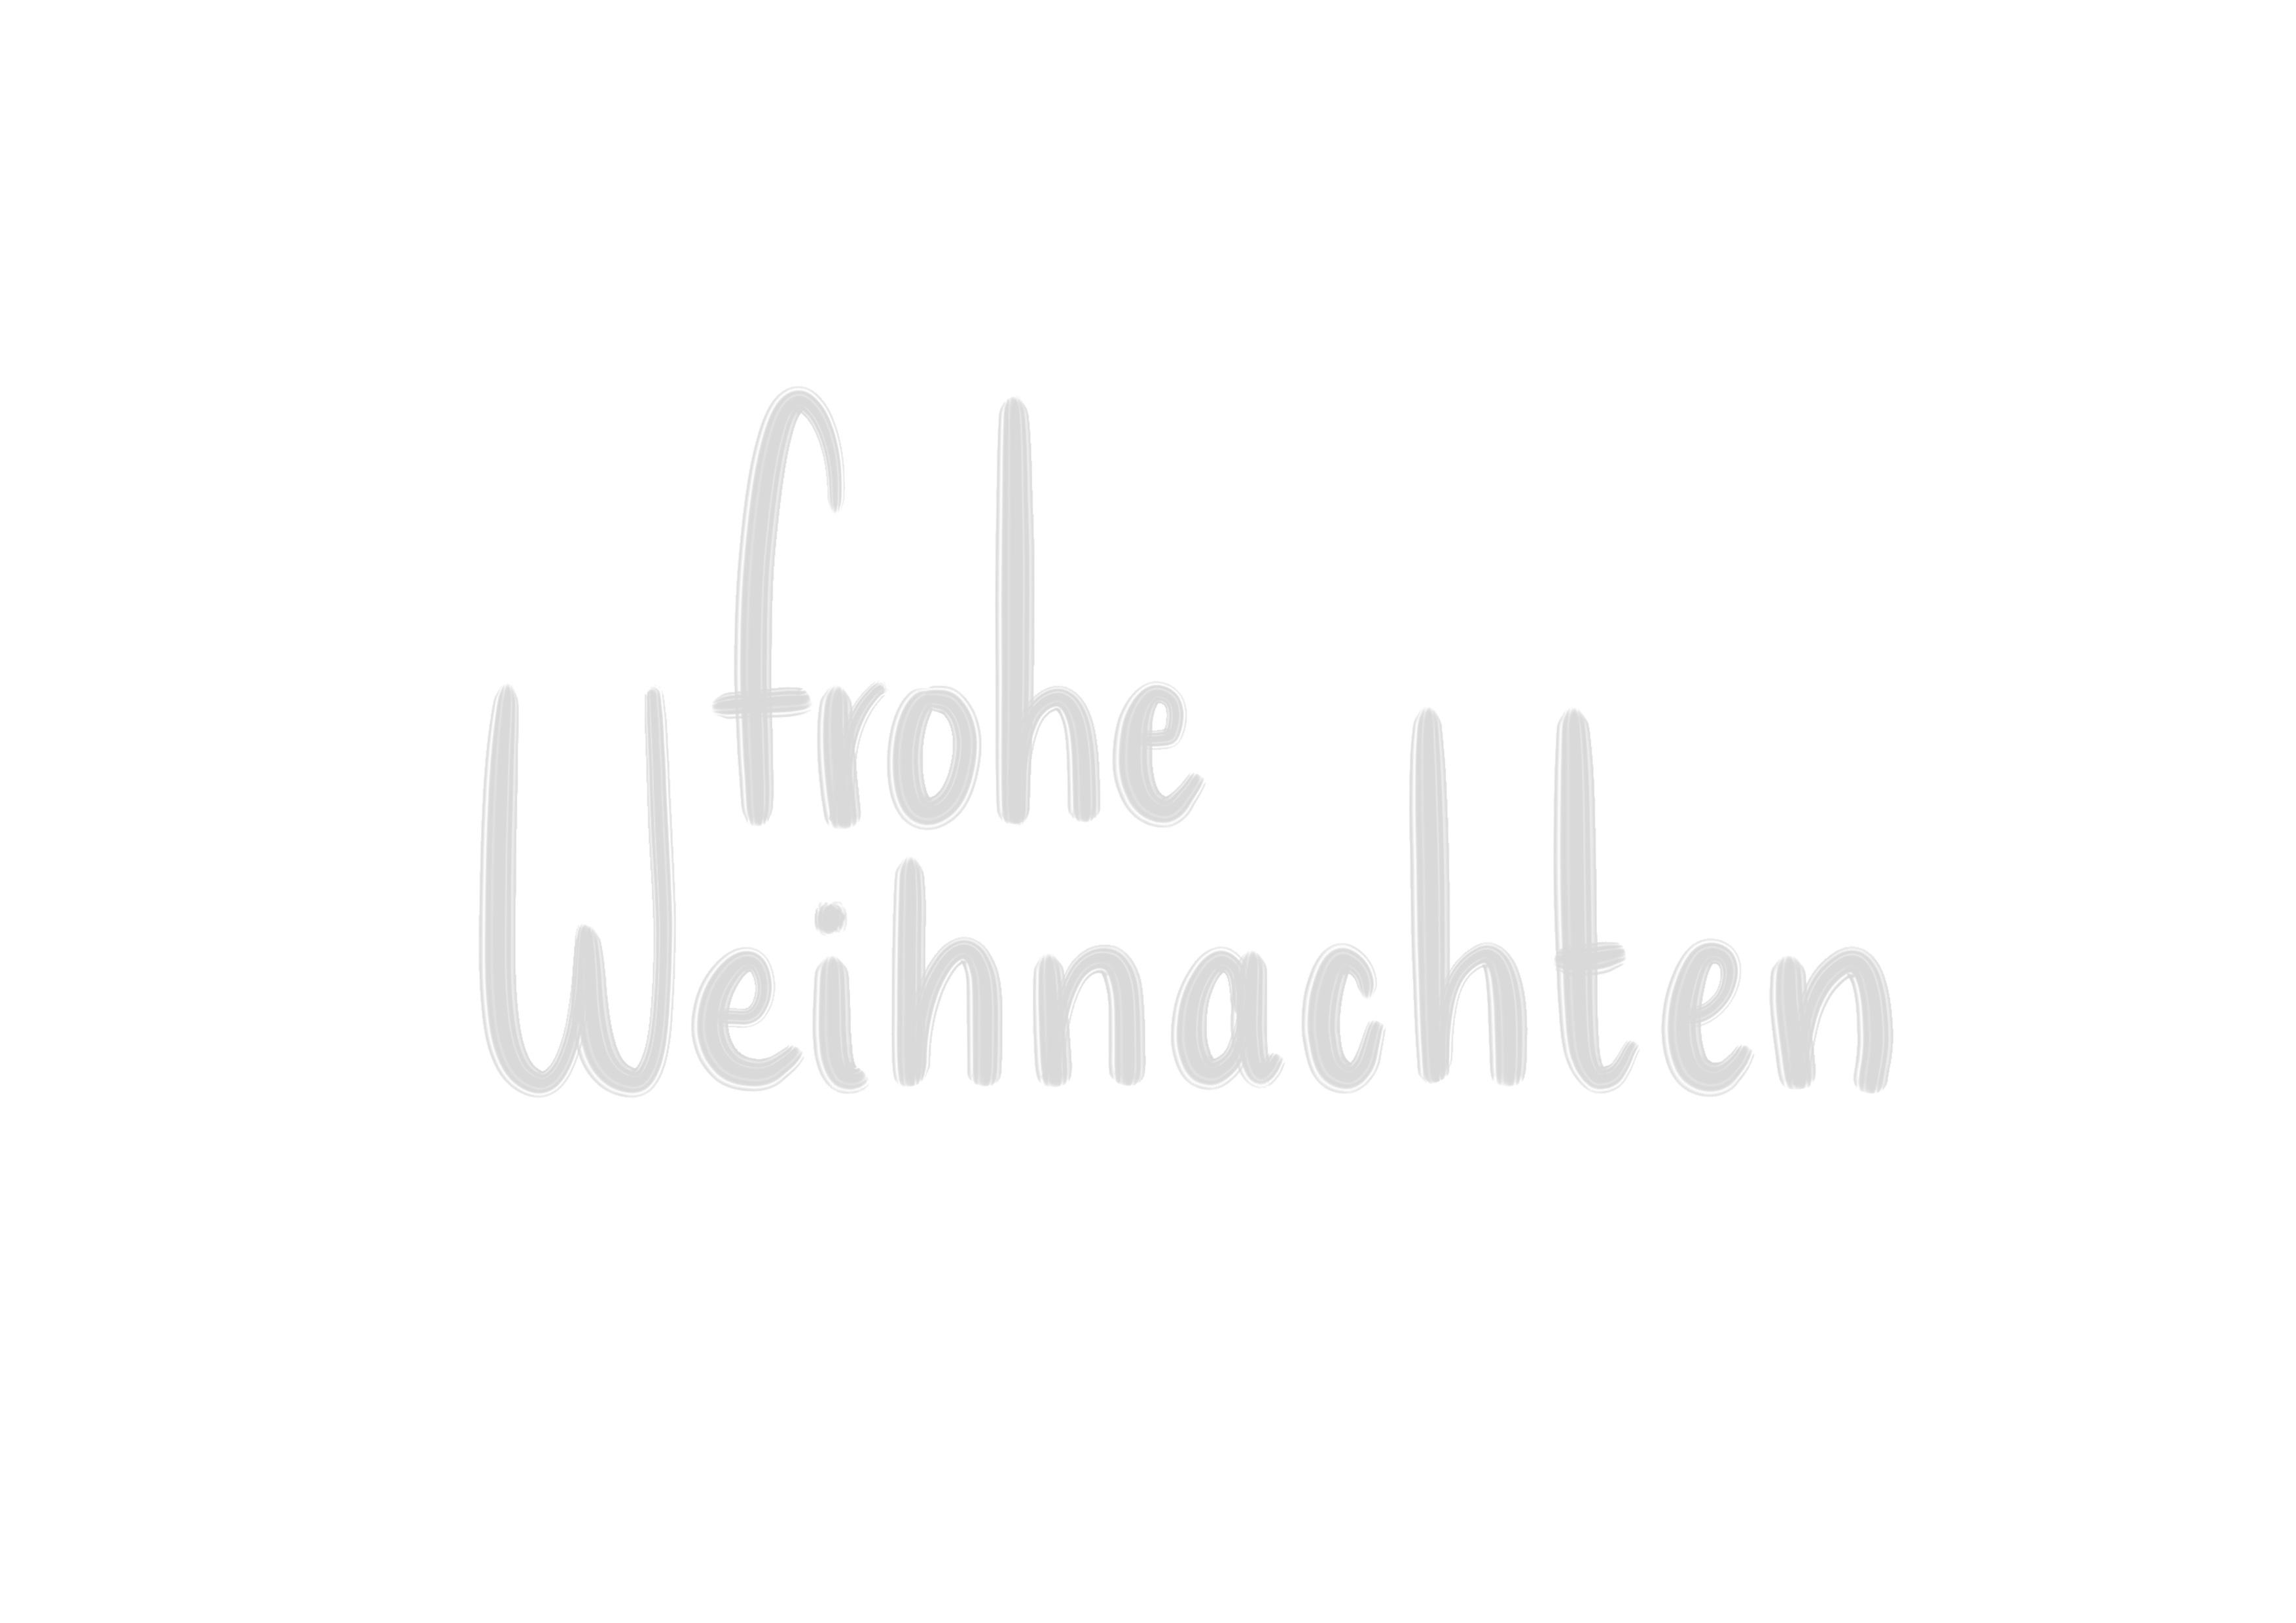 E Mail Weihnachtsgrüße Vorlagen.Handlettering Weihnachten Grüße Schriftarten Vorlagen Und Mehr